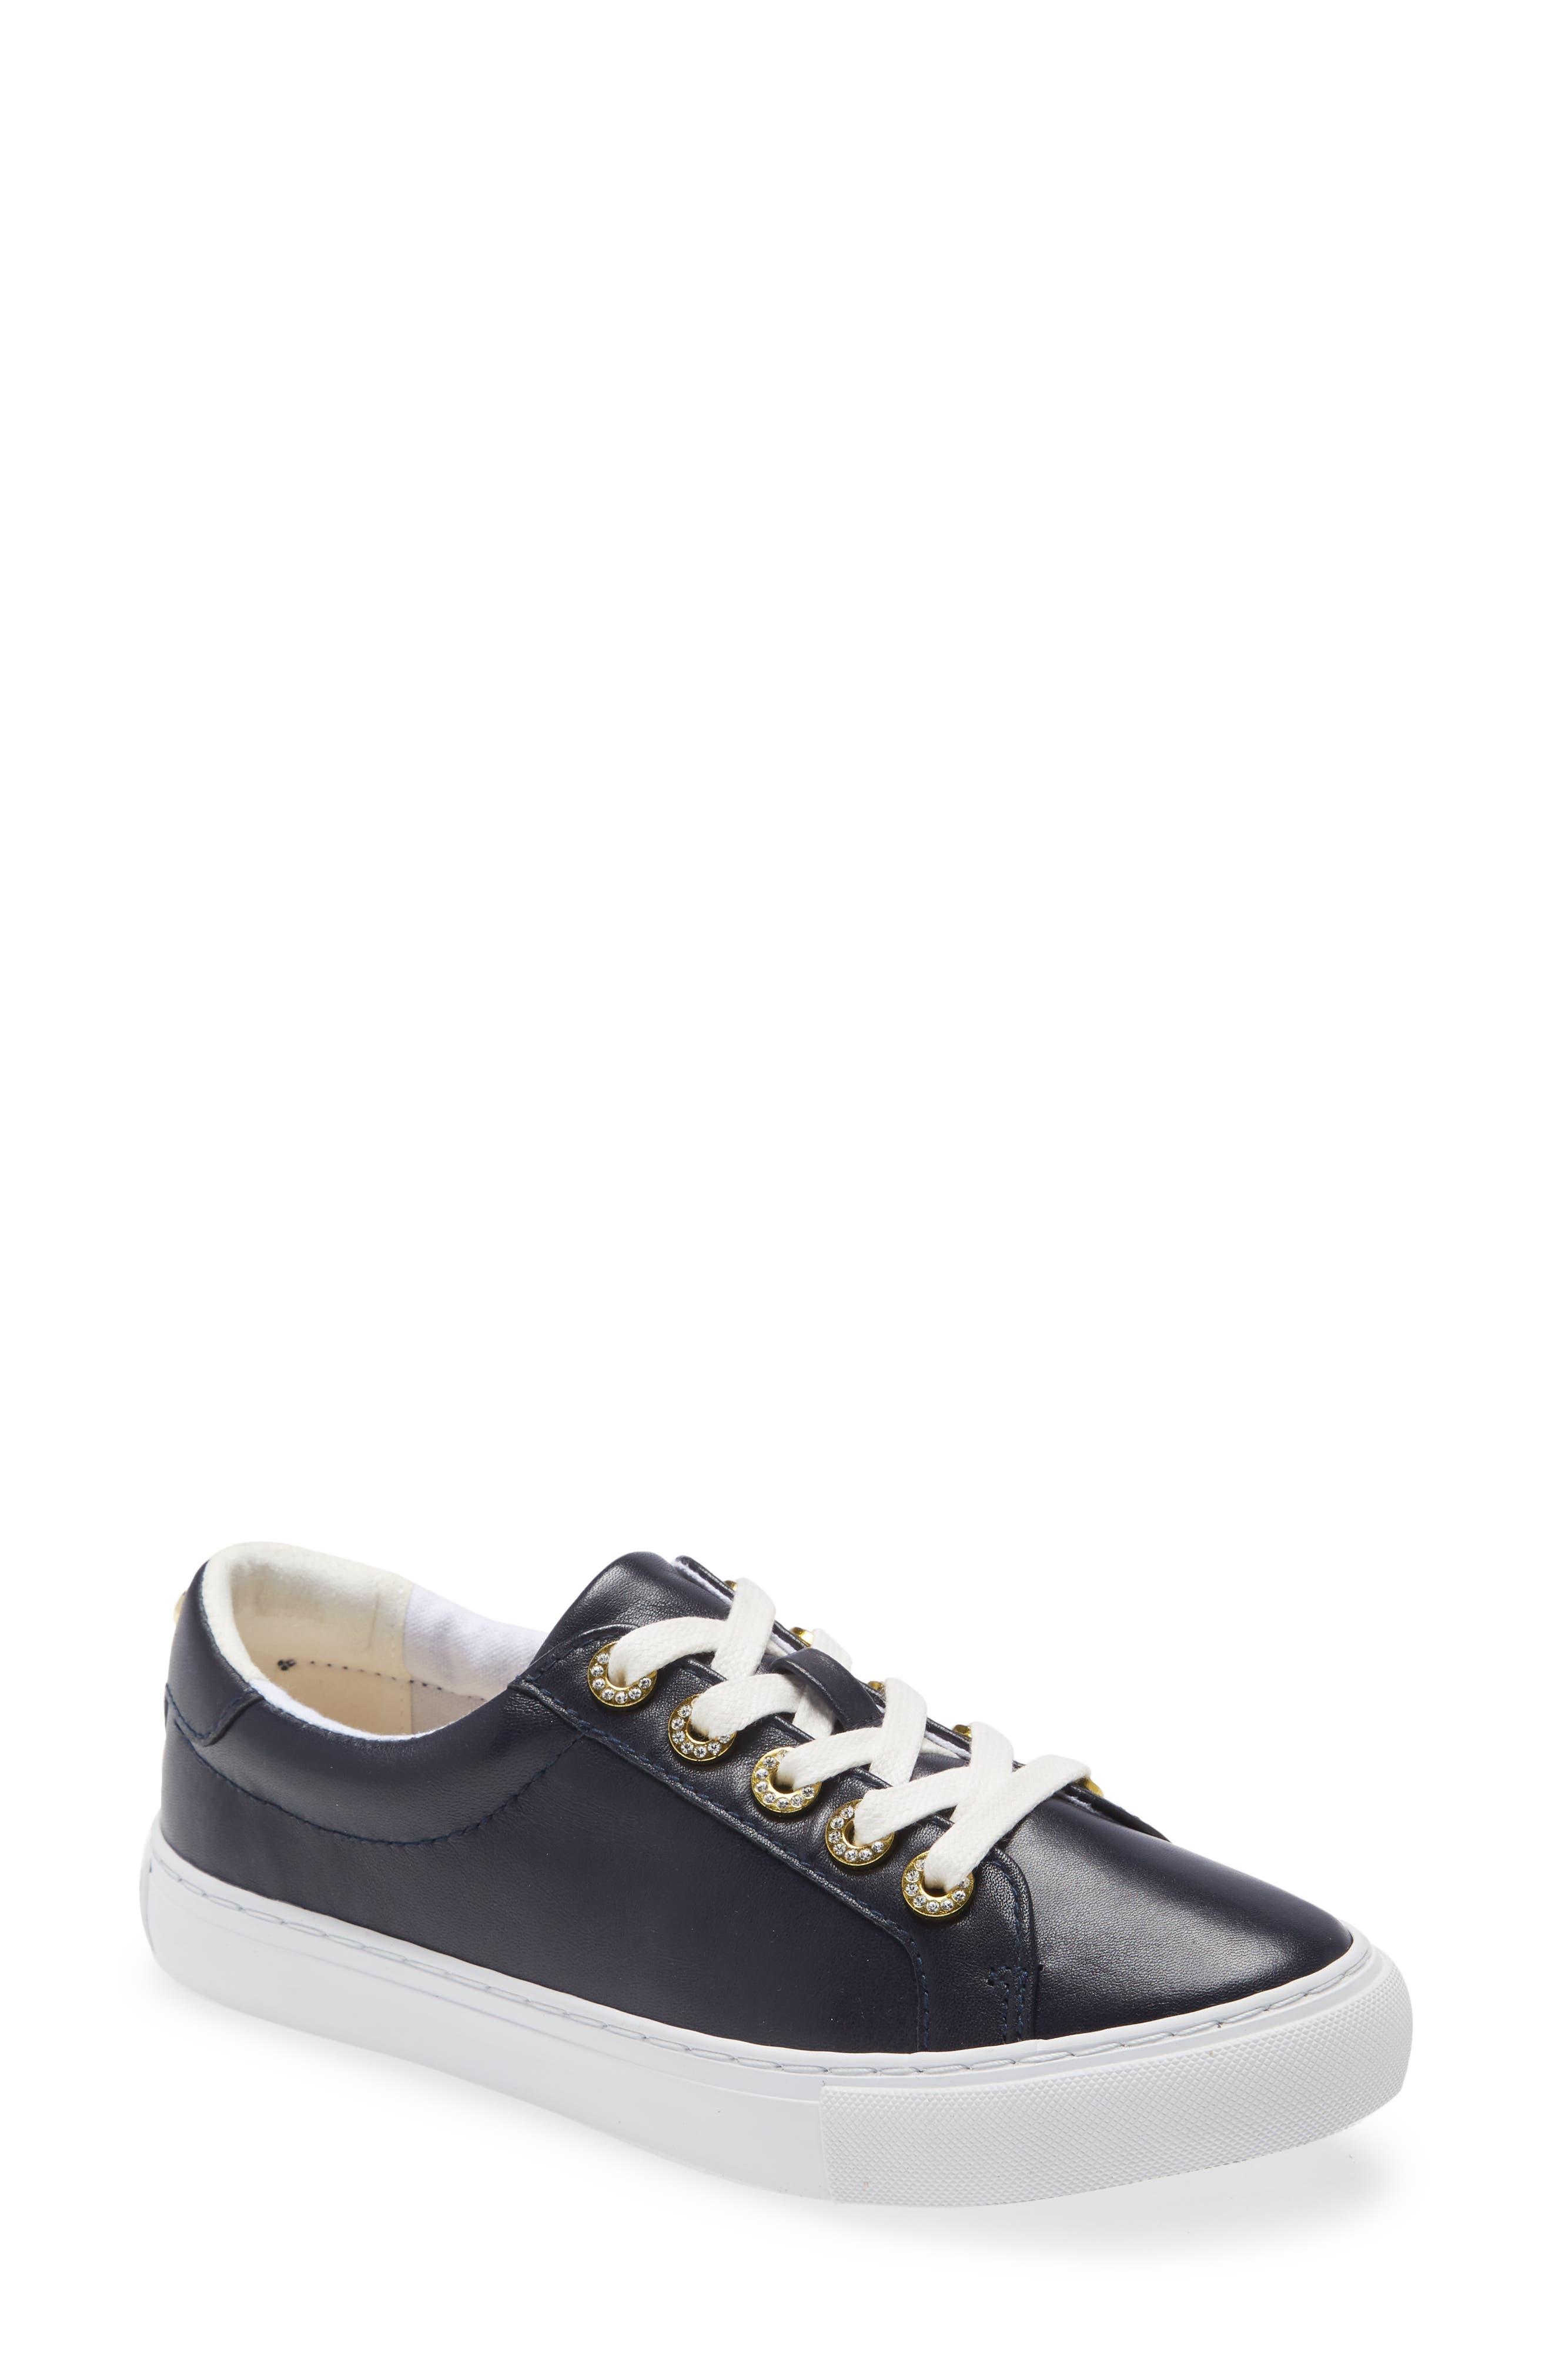 Women's Lilly Pulitzer Lux Hallie Sneaker